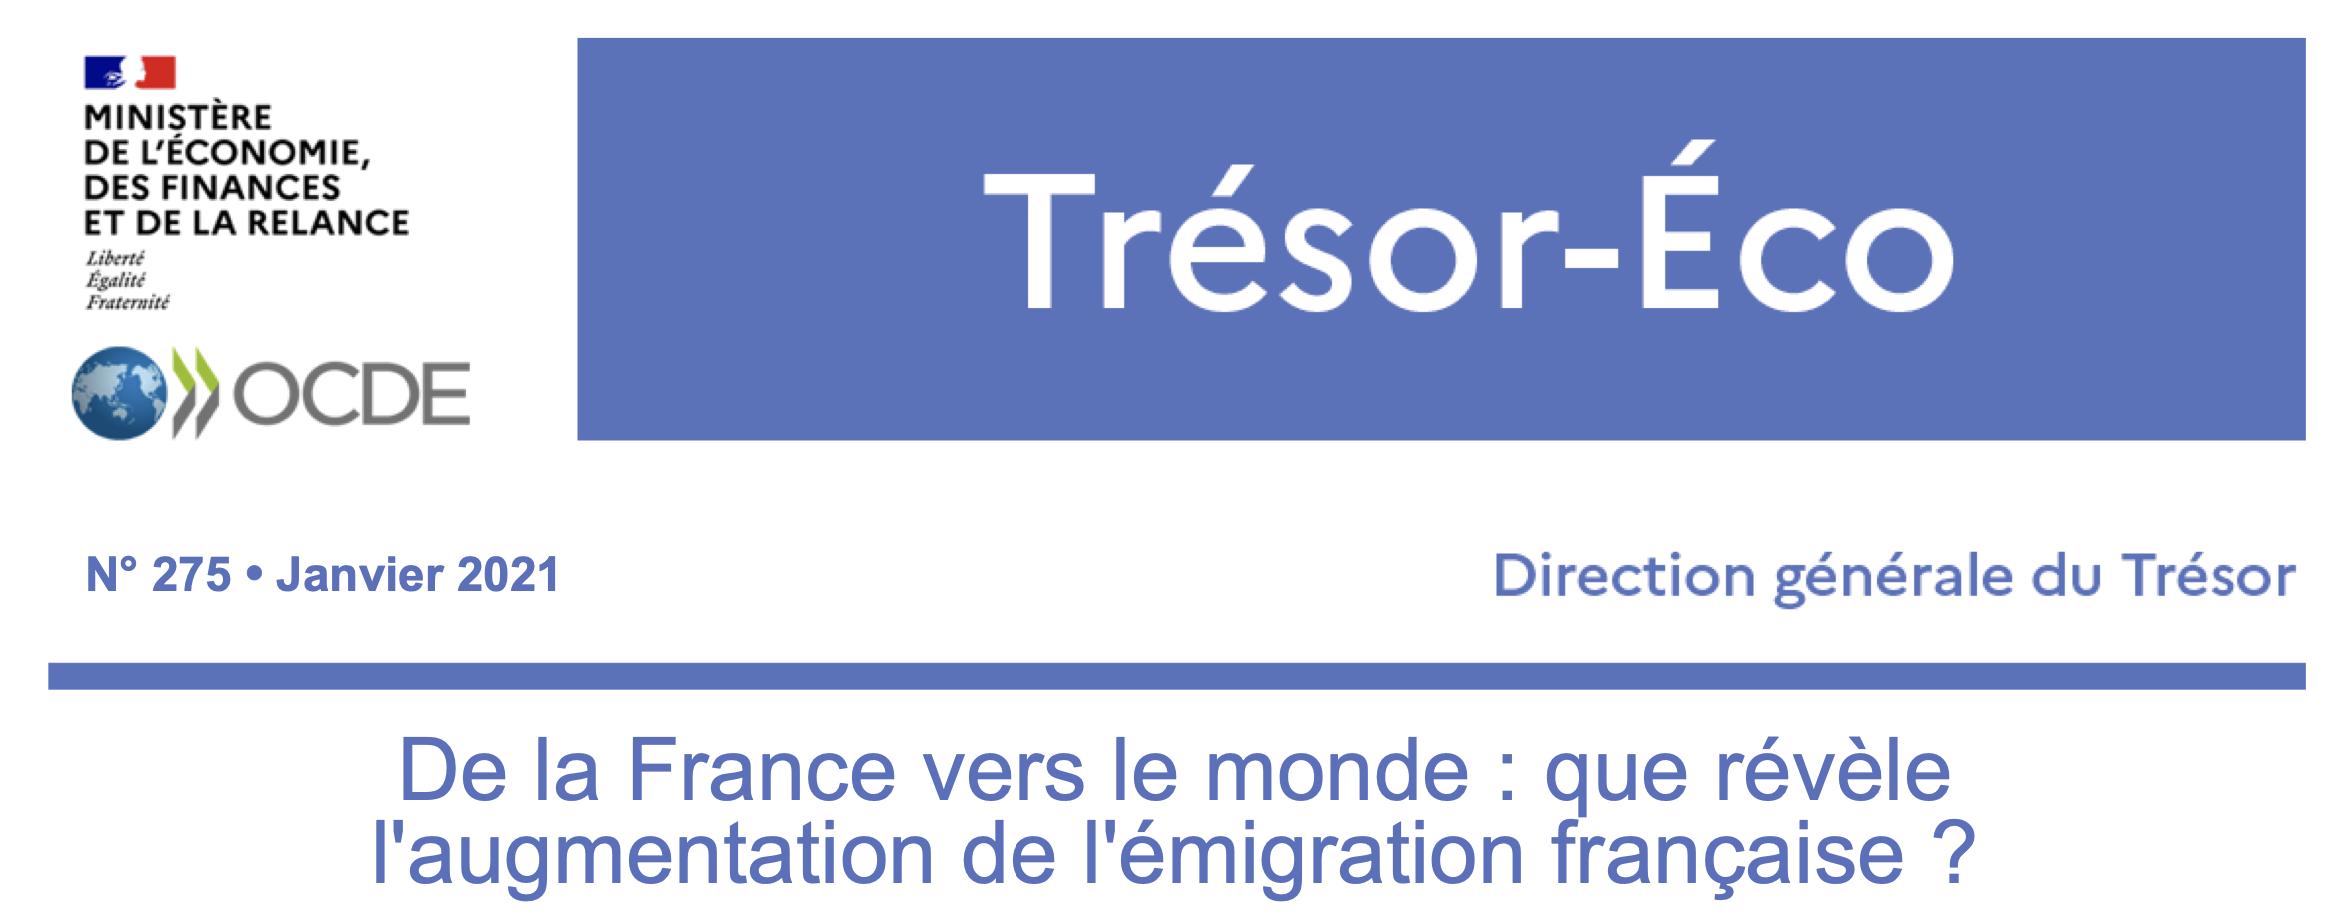 De la France vers le monde : que révèle l'augmentation de l'émigration française ?